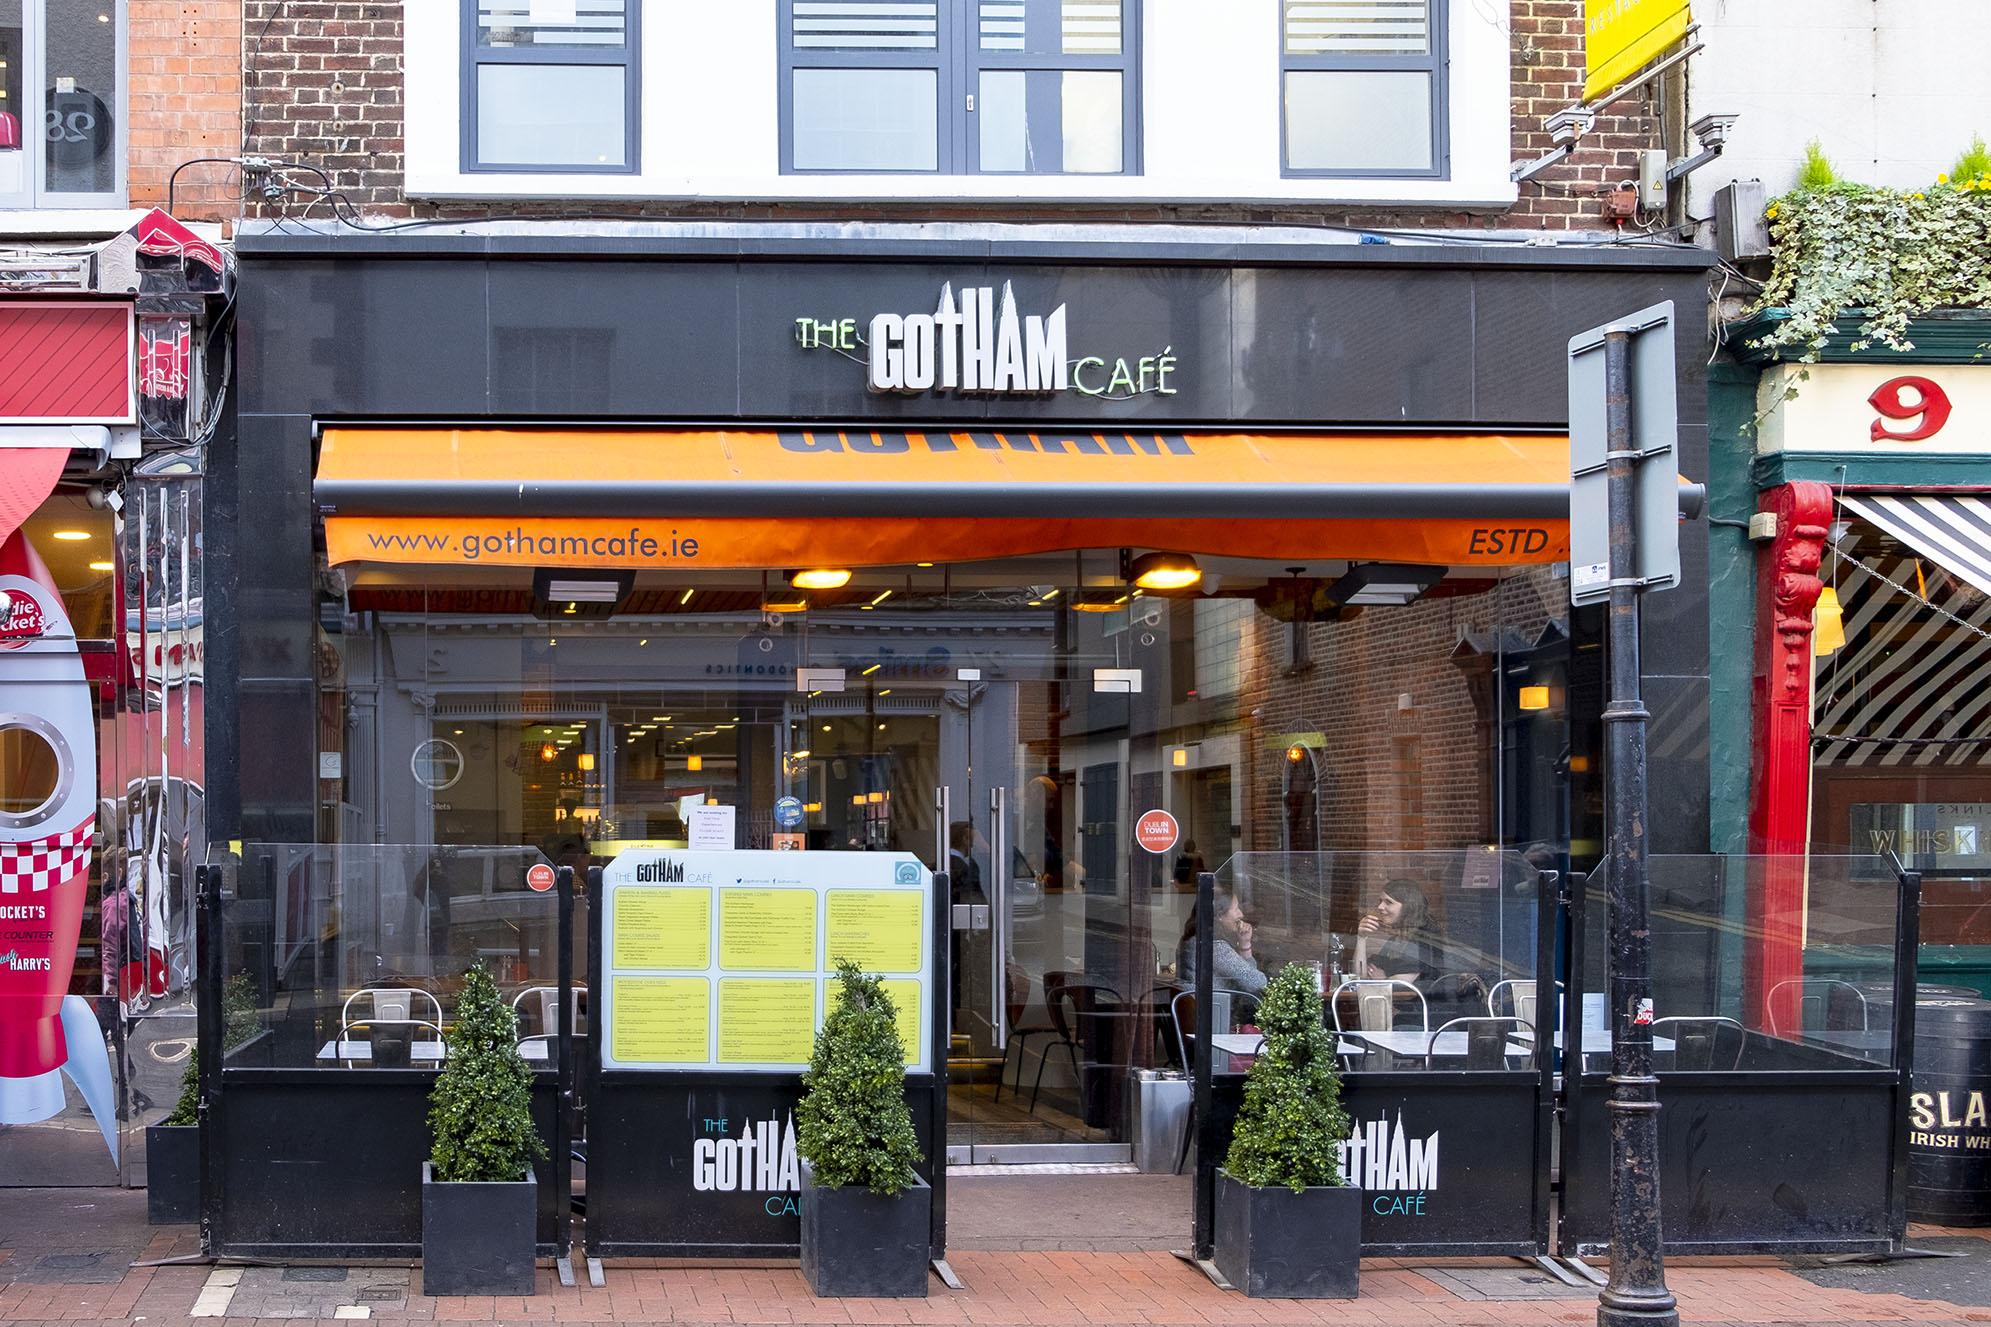 Matställen i Dublin Gotham Café